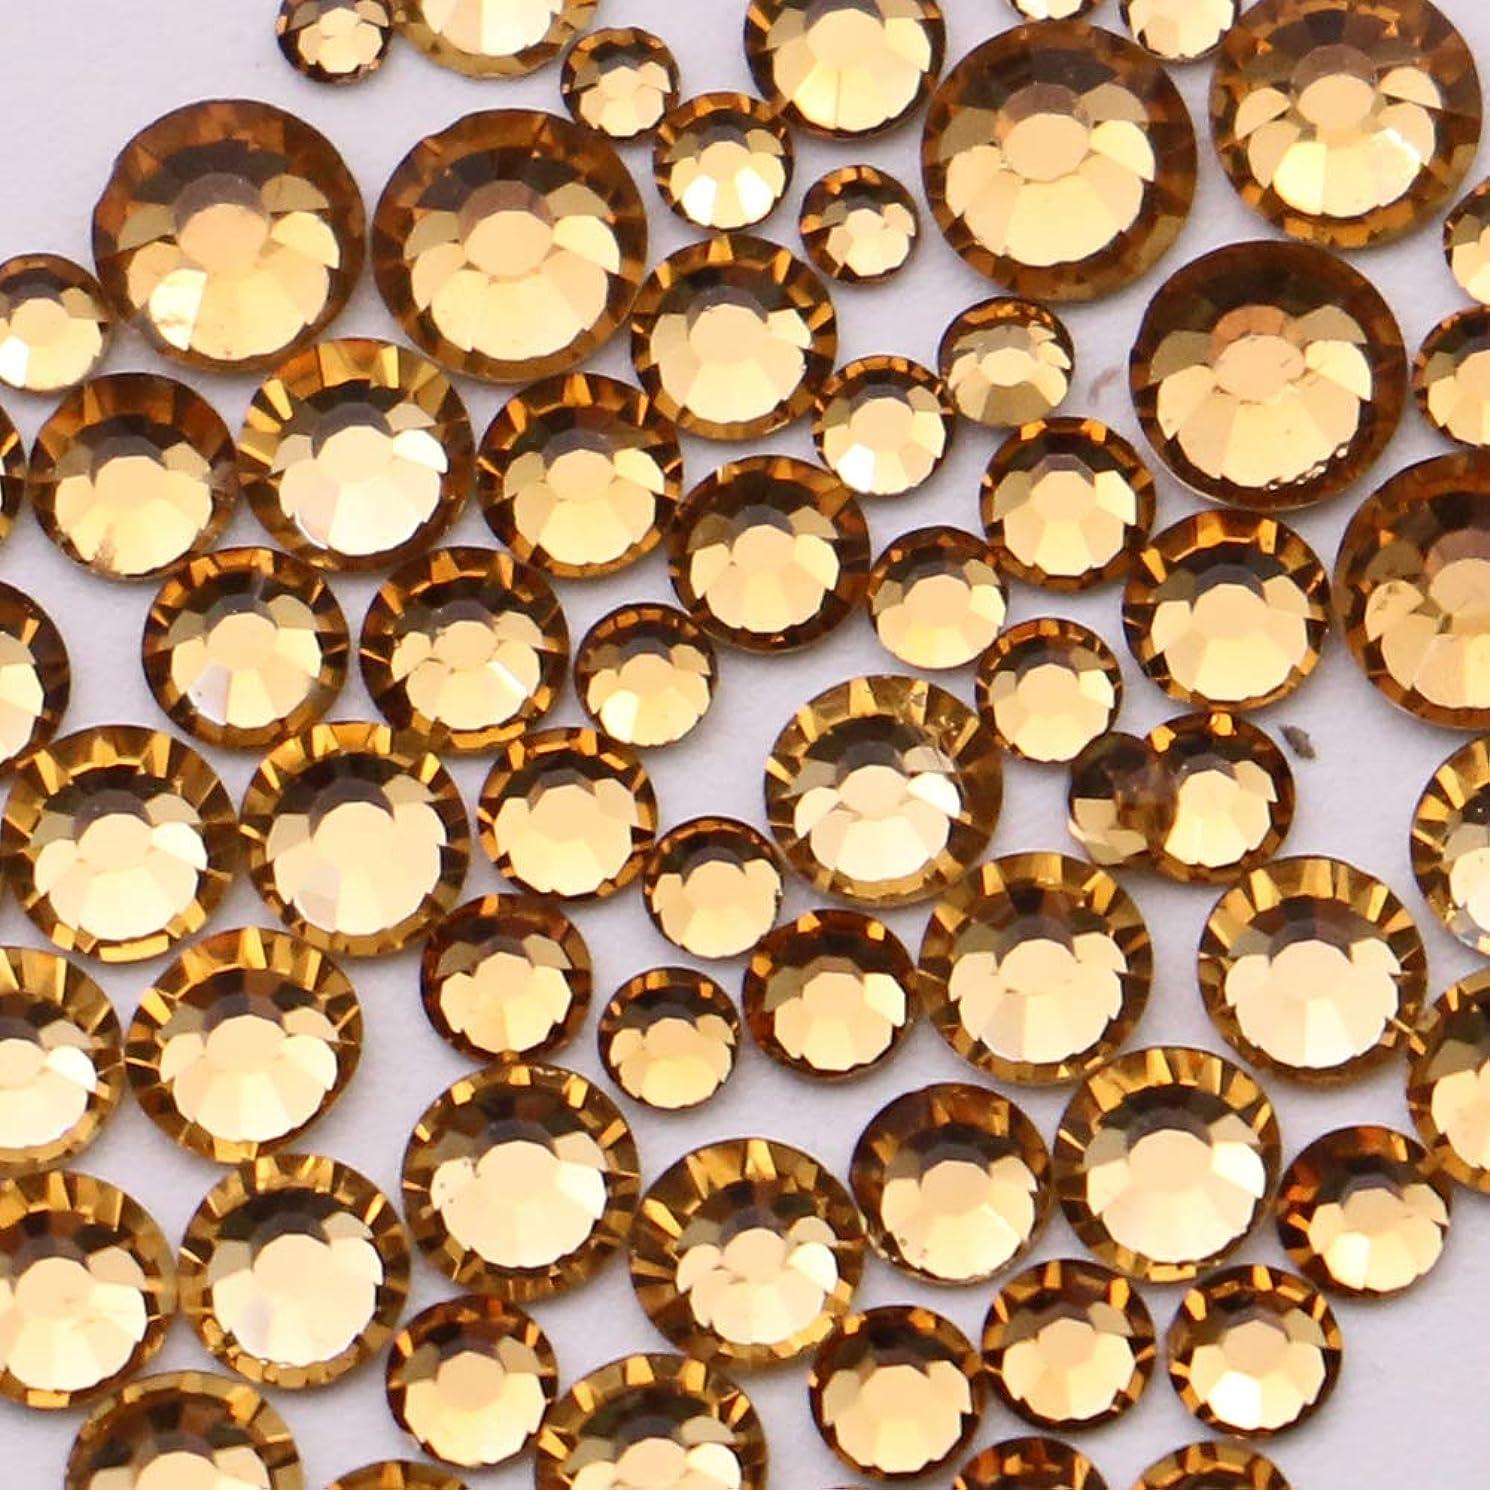 罪人権限島高品質ガラスストーン 6サイズパック SS16 SS12 SS10 SS8 SS6 SS4 (H.ライトブラウントパーズパック)